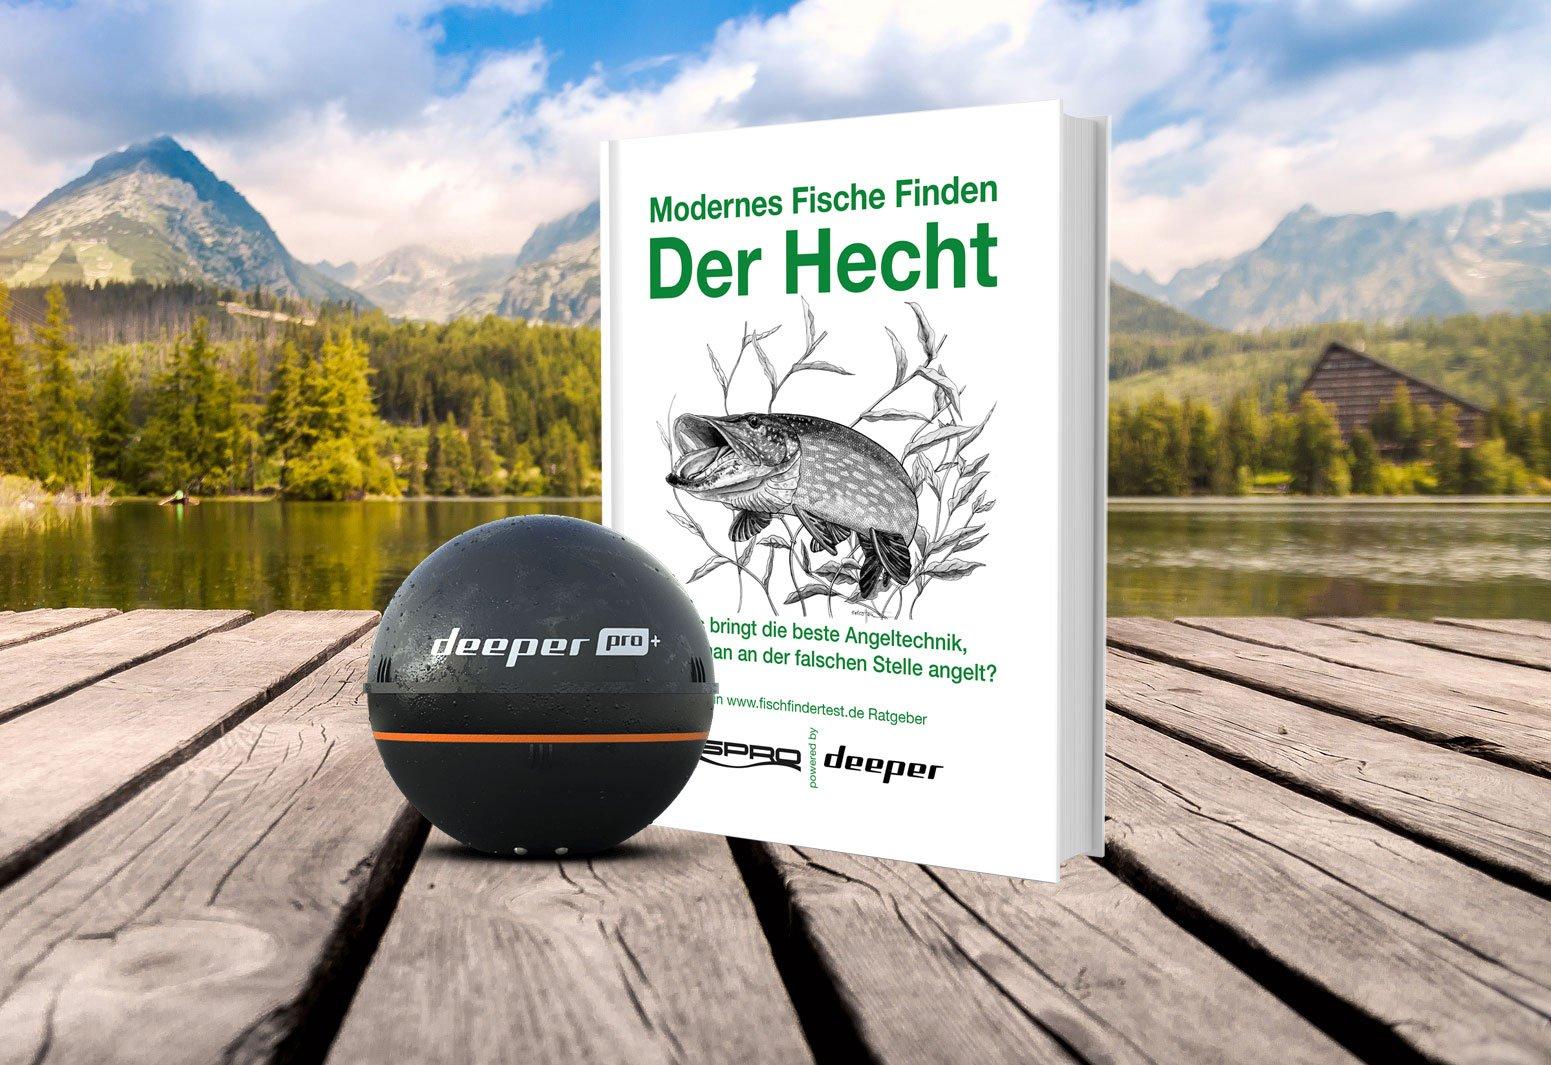 """DEEPER Pro Plus & dazu geschenkt """"Modernes Fische finden – Der Hecht"""" * ☀️☀️☀️ Sommerferien-Special!"""